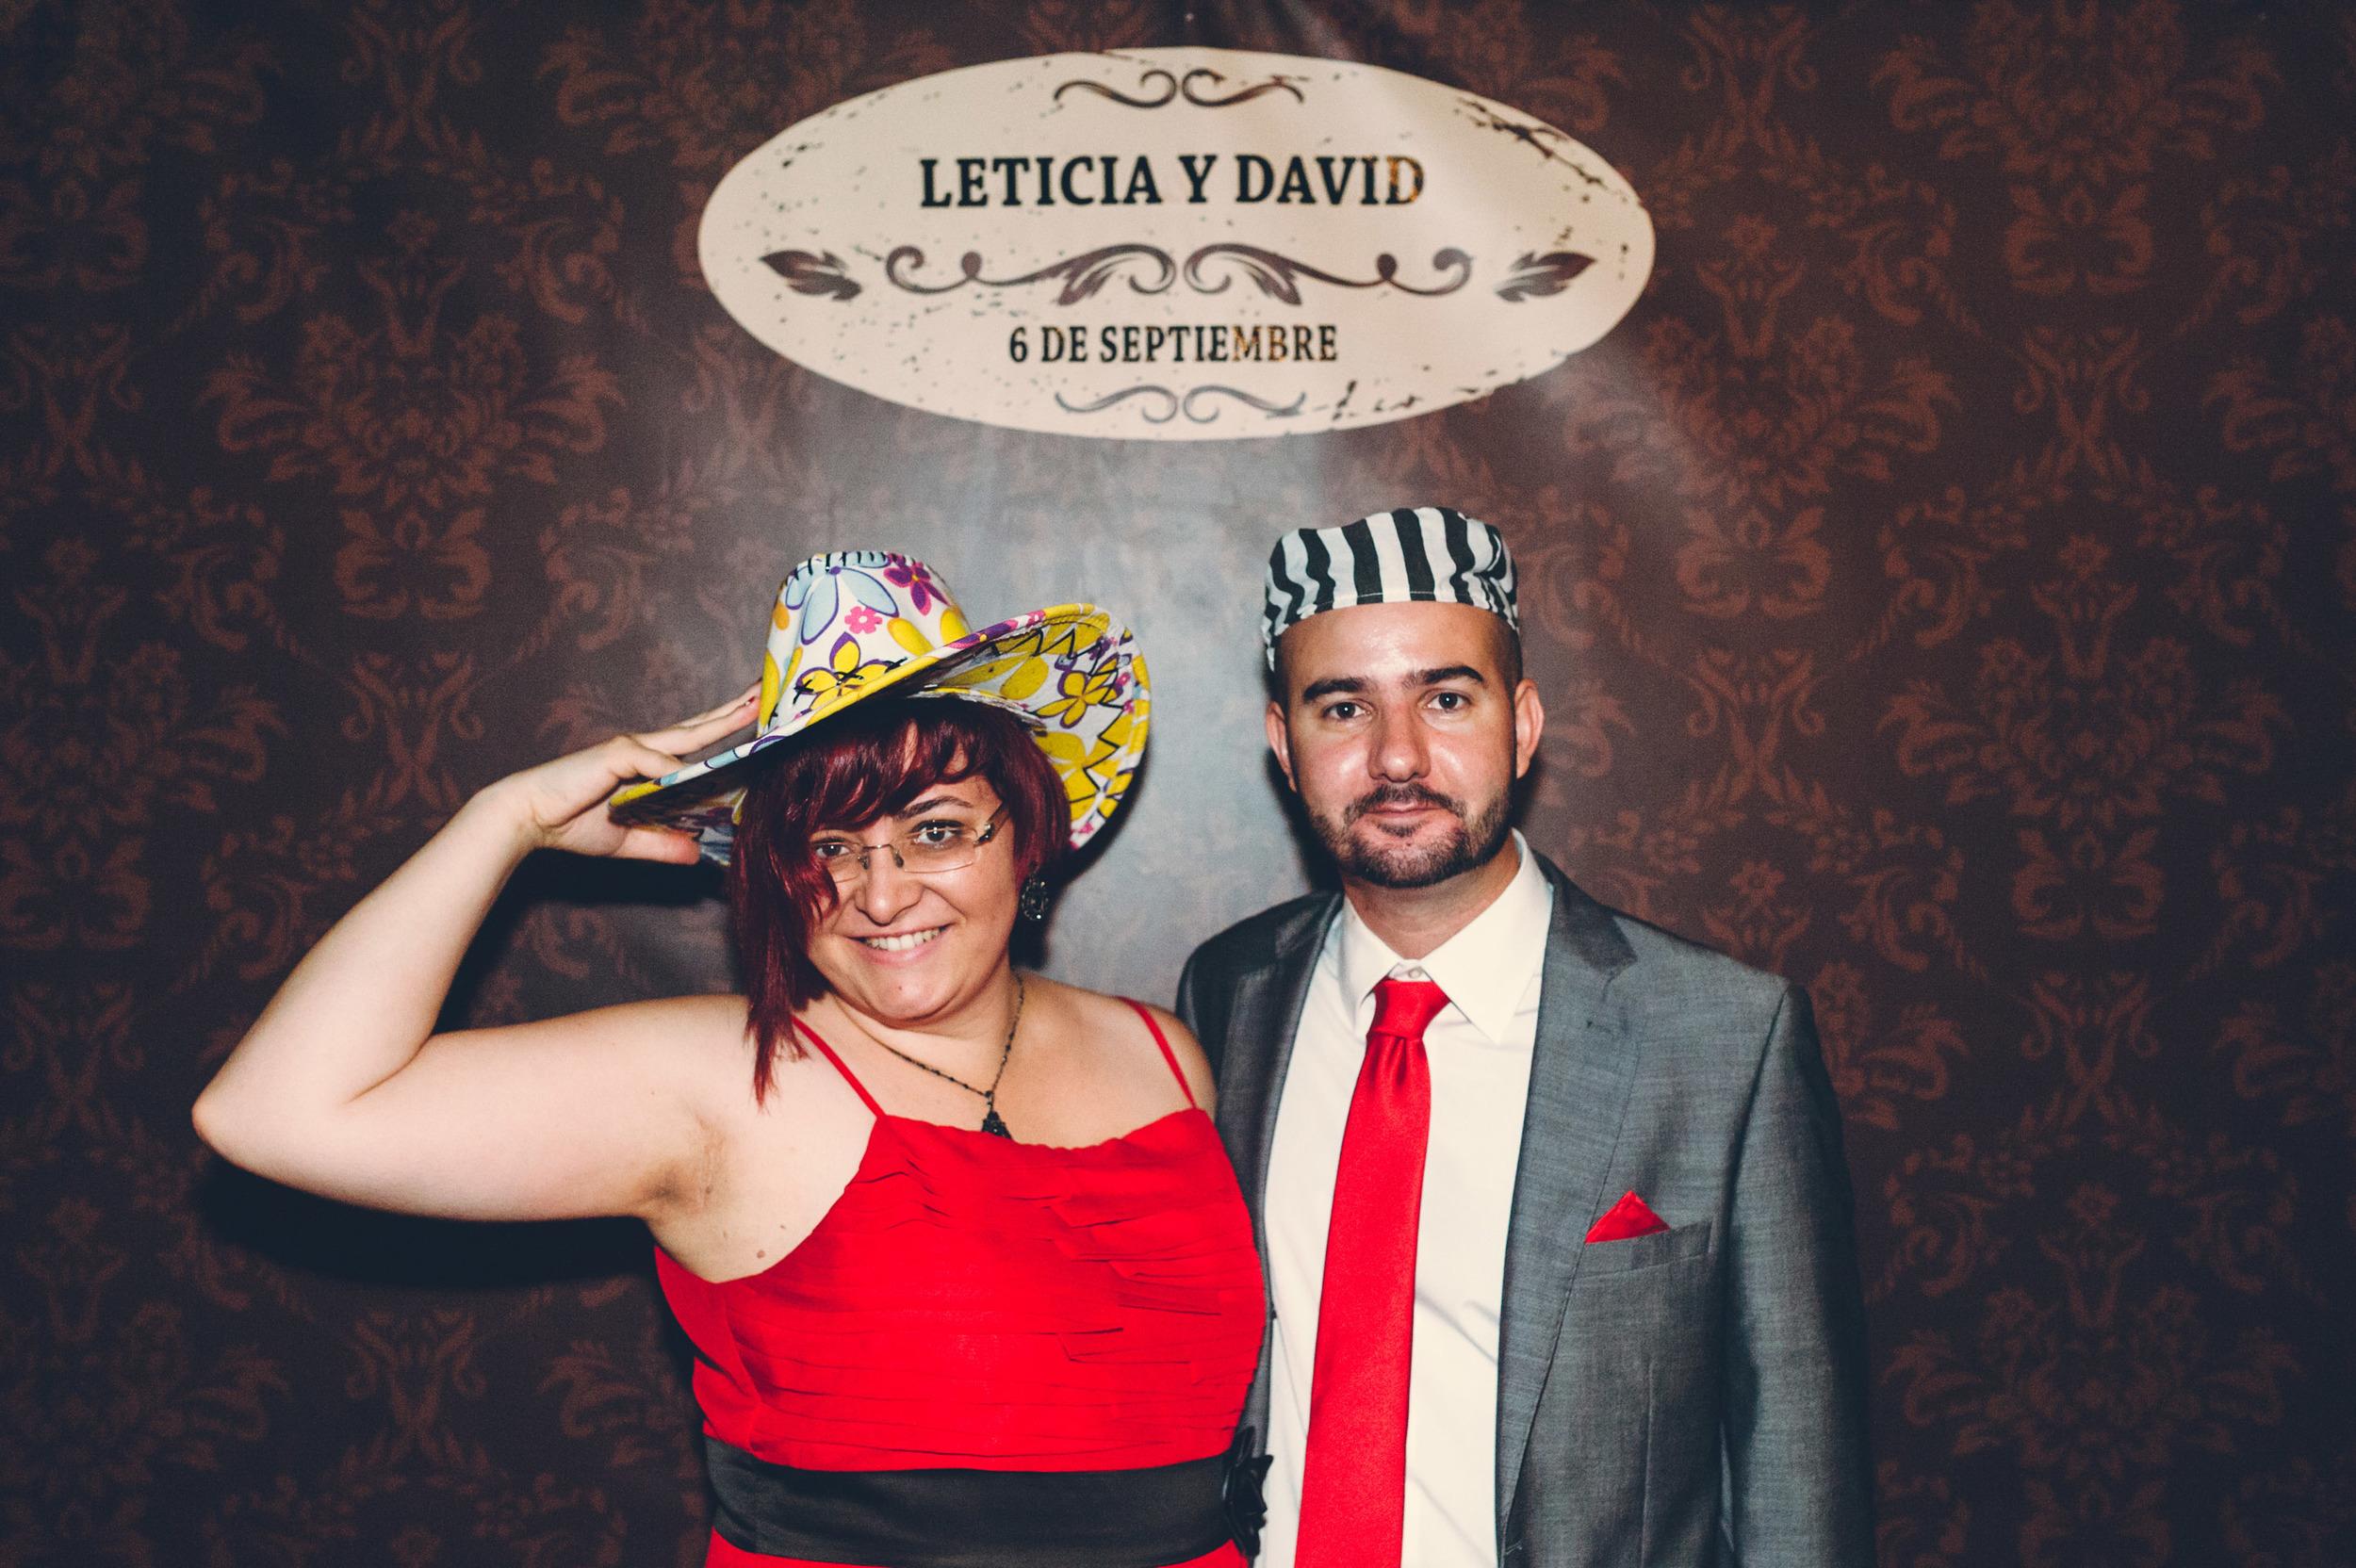 161 Leticia y David.jpg